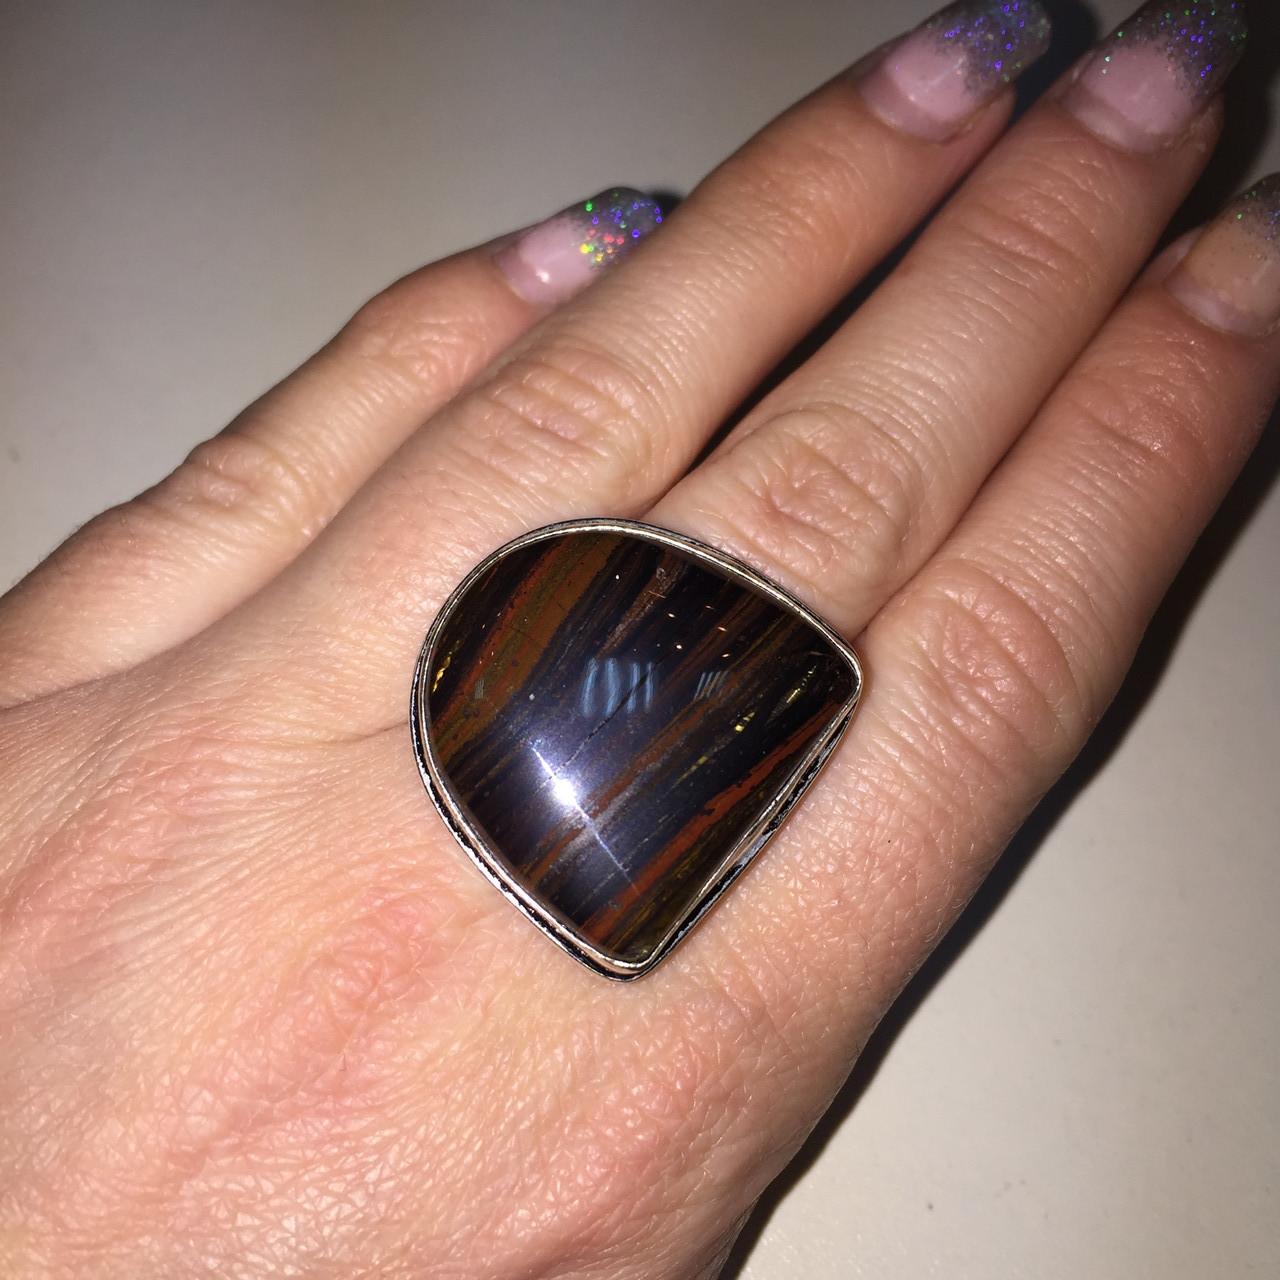 Джеспилит тигровое железо кольцо с камнем джеспилит 20 размер. Кольцо с джеспилитом Индия!